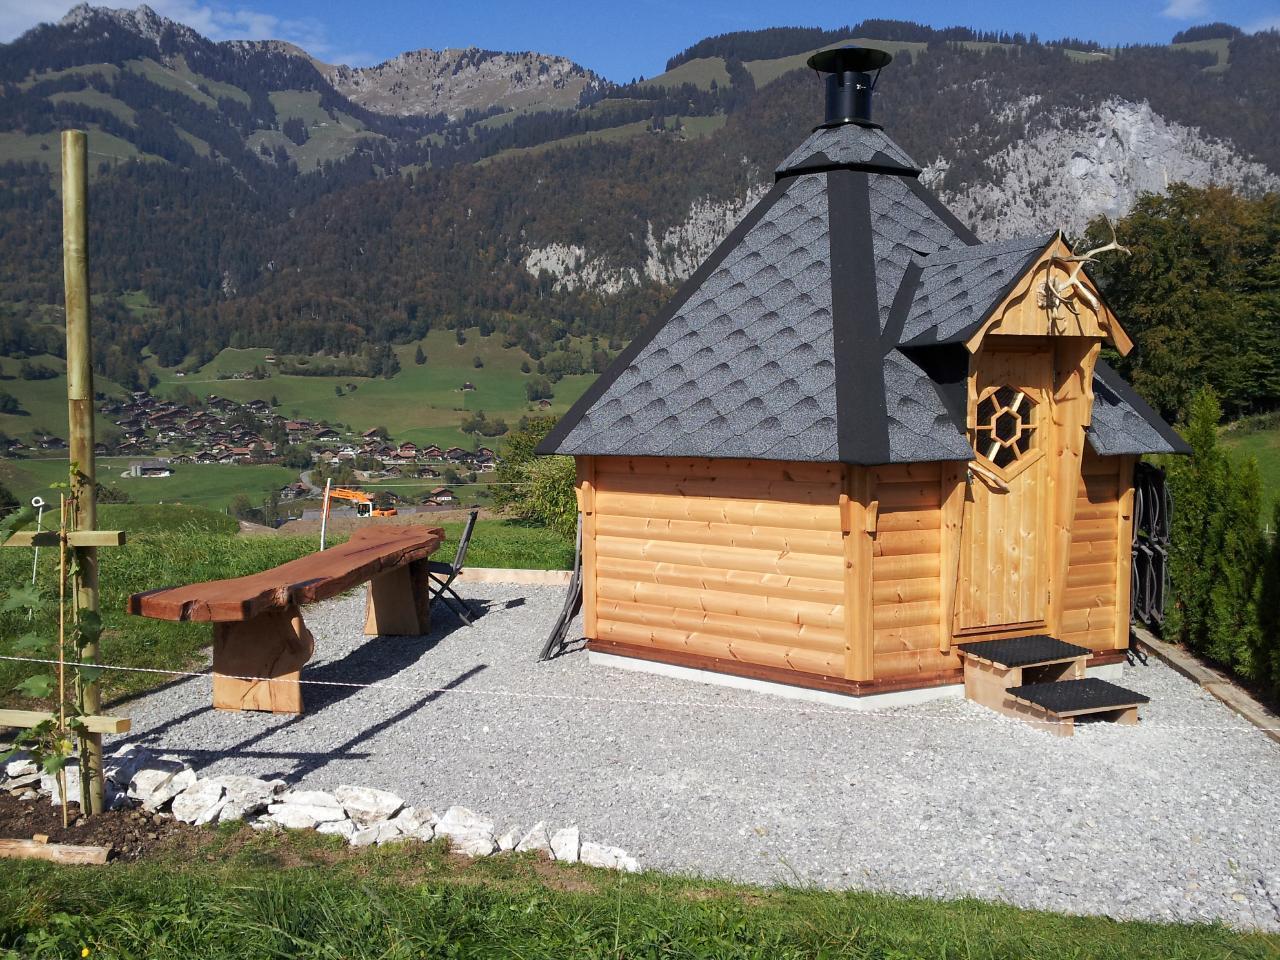 Ferienwohnung 2 Zimmer-Ferienwohnung im Altholz-Stil (2470618), Oey, Diemtigtal, Berner Oberland, Schweiz, Bild 23